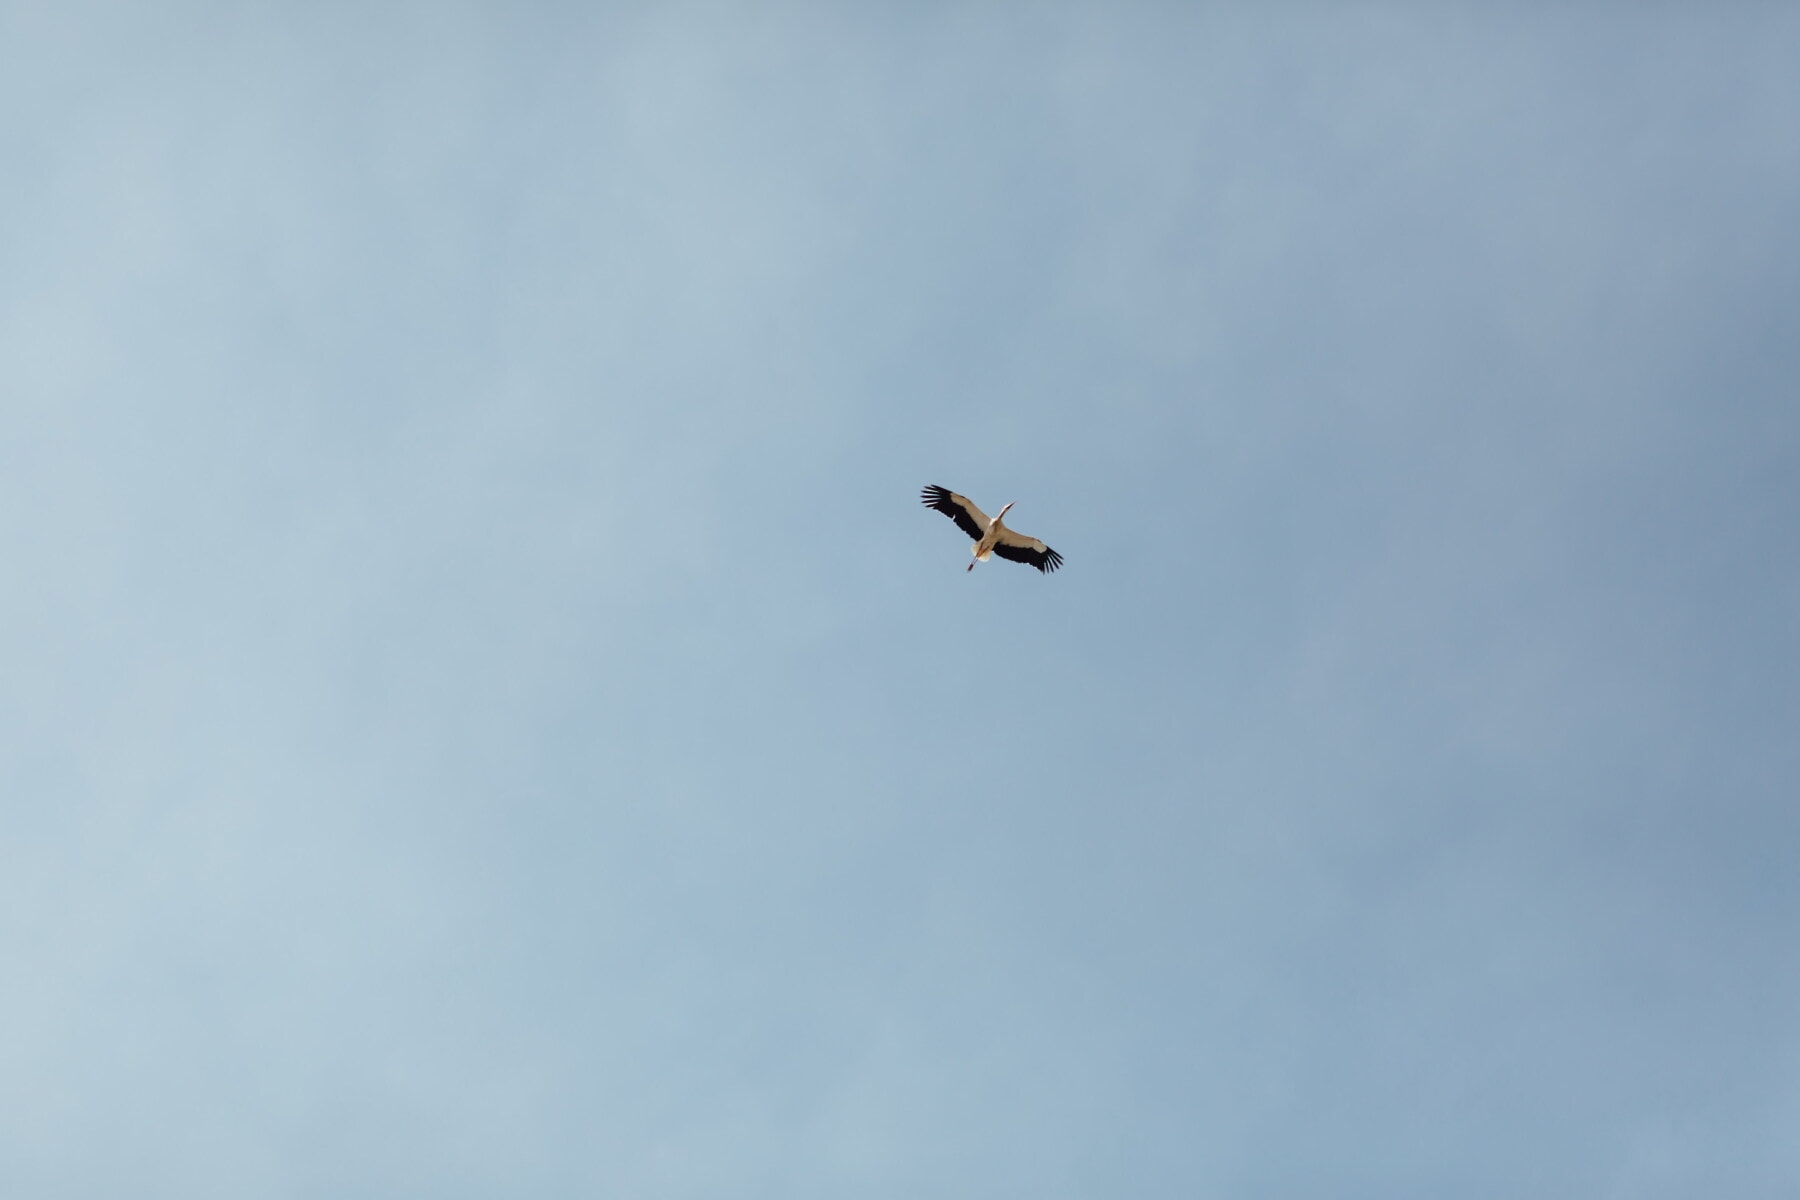 політ, естакади, птах, міграції, Синє небо, політ, дикої природи, природа, на відкритому повітрі, тварини